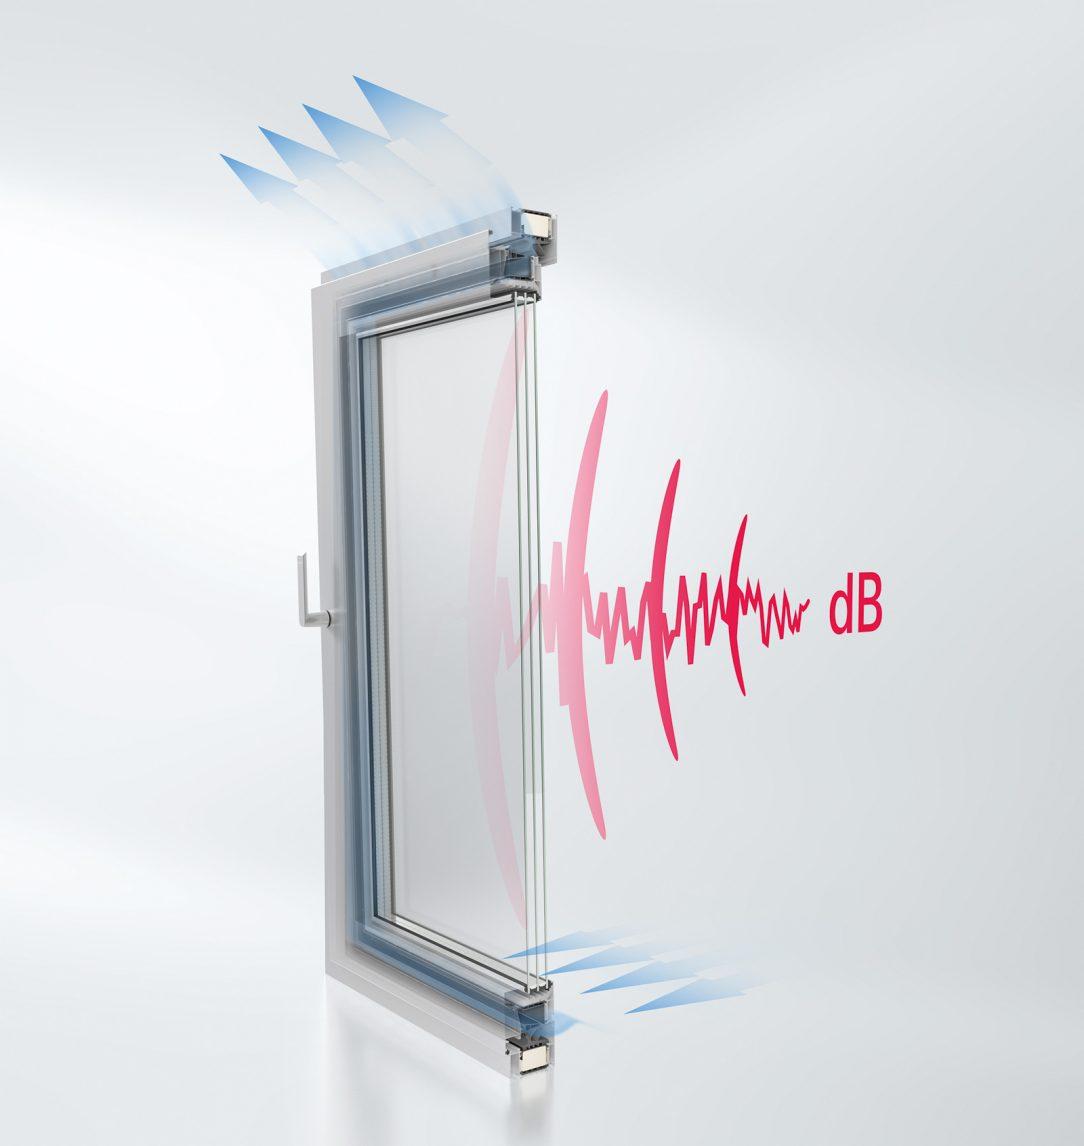 Okenné riešenie AWS 90 AC.SI má špeciálne stredové tesnenie a vzduch prúdi cez krídlo čím zabezpečuje zníženie zvuku v sklopenej otvorenej polohe.